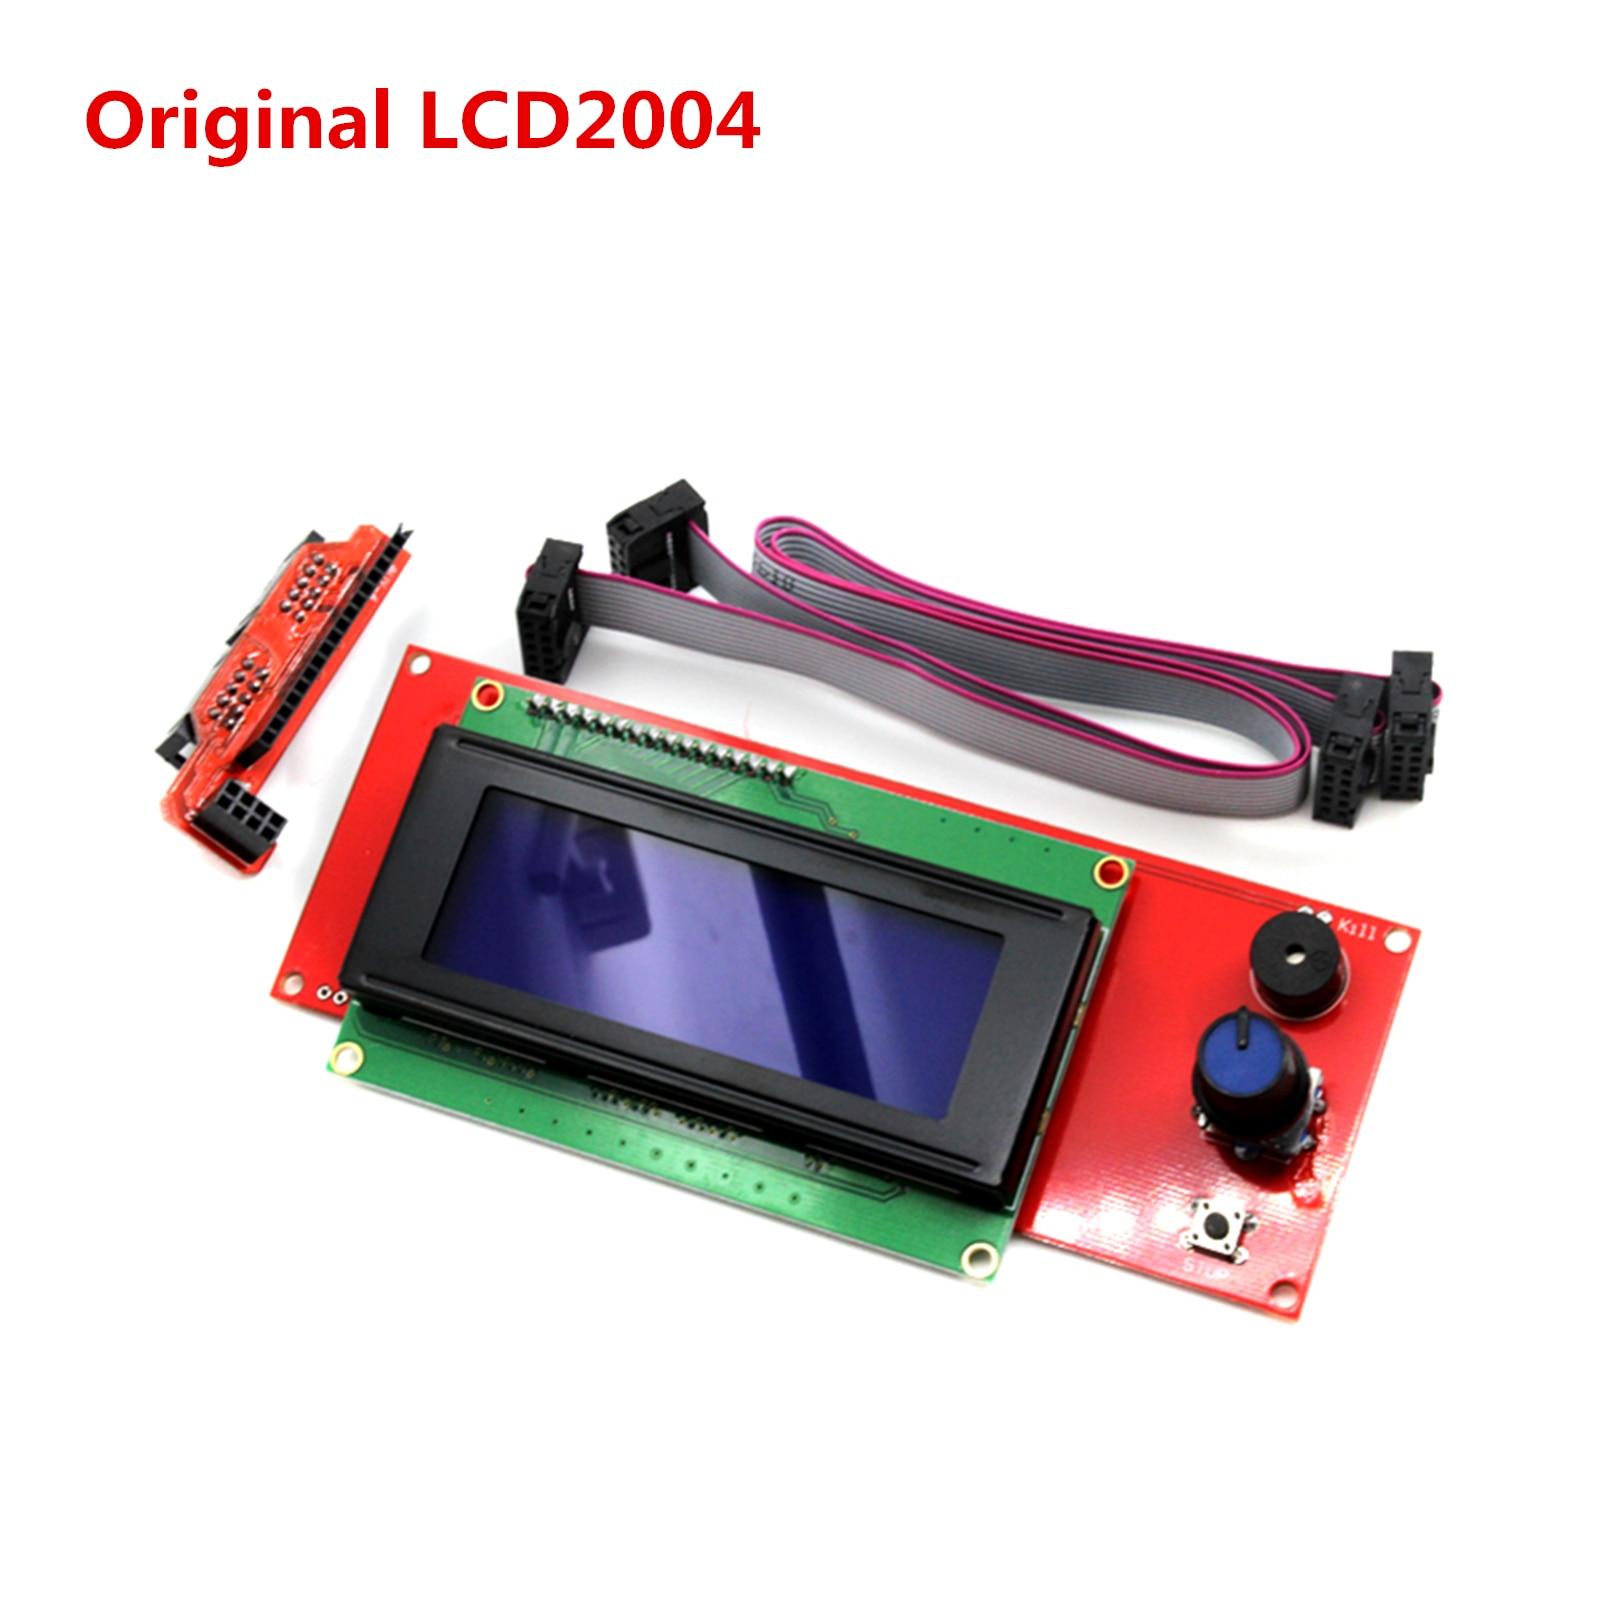 LCD2004 3D printer lcds display module original LCD 2004 screen Ramps 1 4 LCD panel good